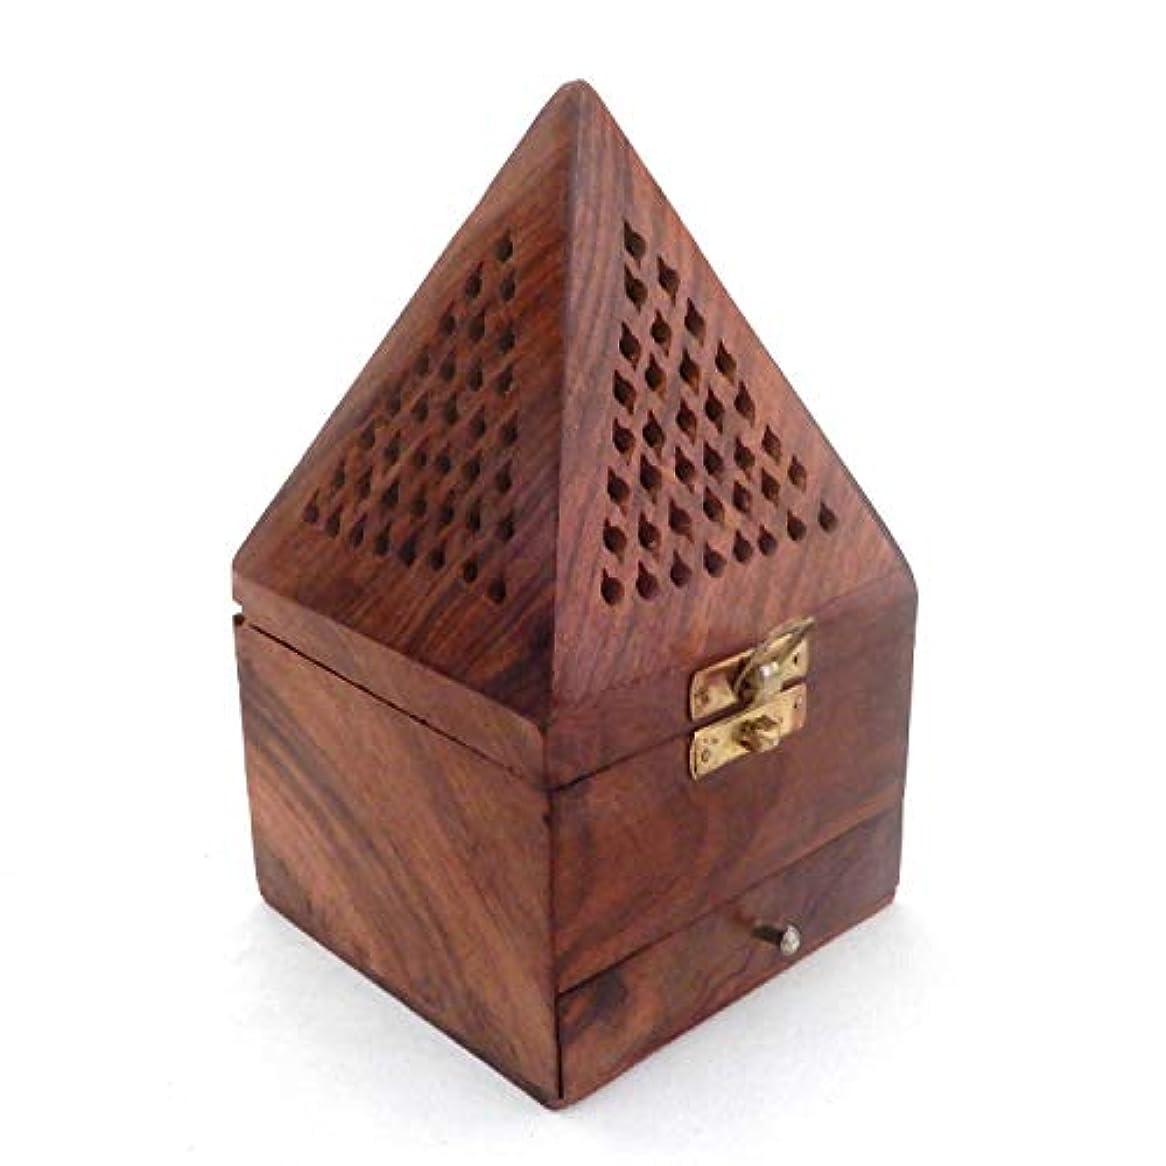 徹底的に子羊ミットクリスマスプレゼント、木製ピラミッド形状Burner、Dhoopホルダーwith Base正方形とトップ円錐形状Dhoopホルダー